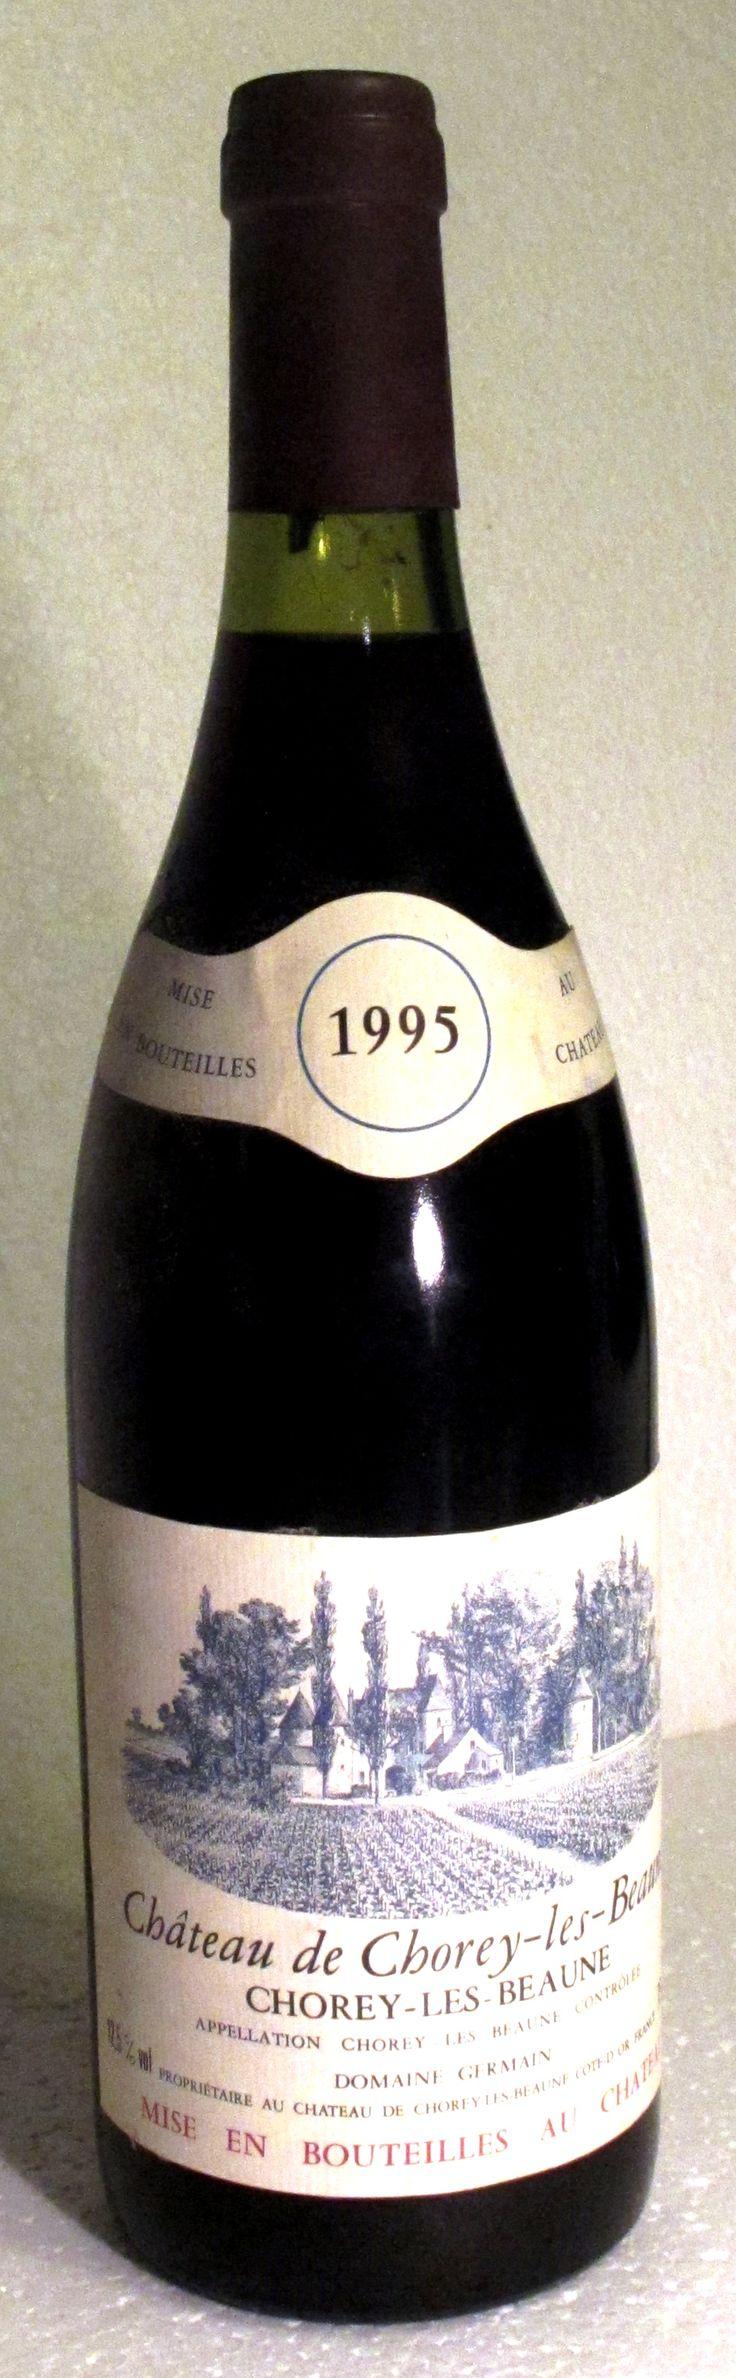 09. Oktober 2014 - Domaine Germain: Château de Chorey-les-Beaune 1995, Burgund, Frankreich - So geht es wohl Menschen, die wenig wissen über einen Winzer, ein Weingut oder über eine Appellation. Jedenfalls ist es mir so ergangen: Ich war allein zu Hause und holte mir eine Flasche aus dem Keller, eine Flasche, die nicht registriert ist in meinem sonst pingelig genauen Kellerbuch.